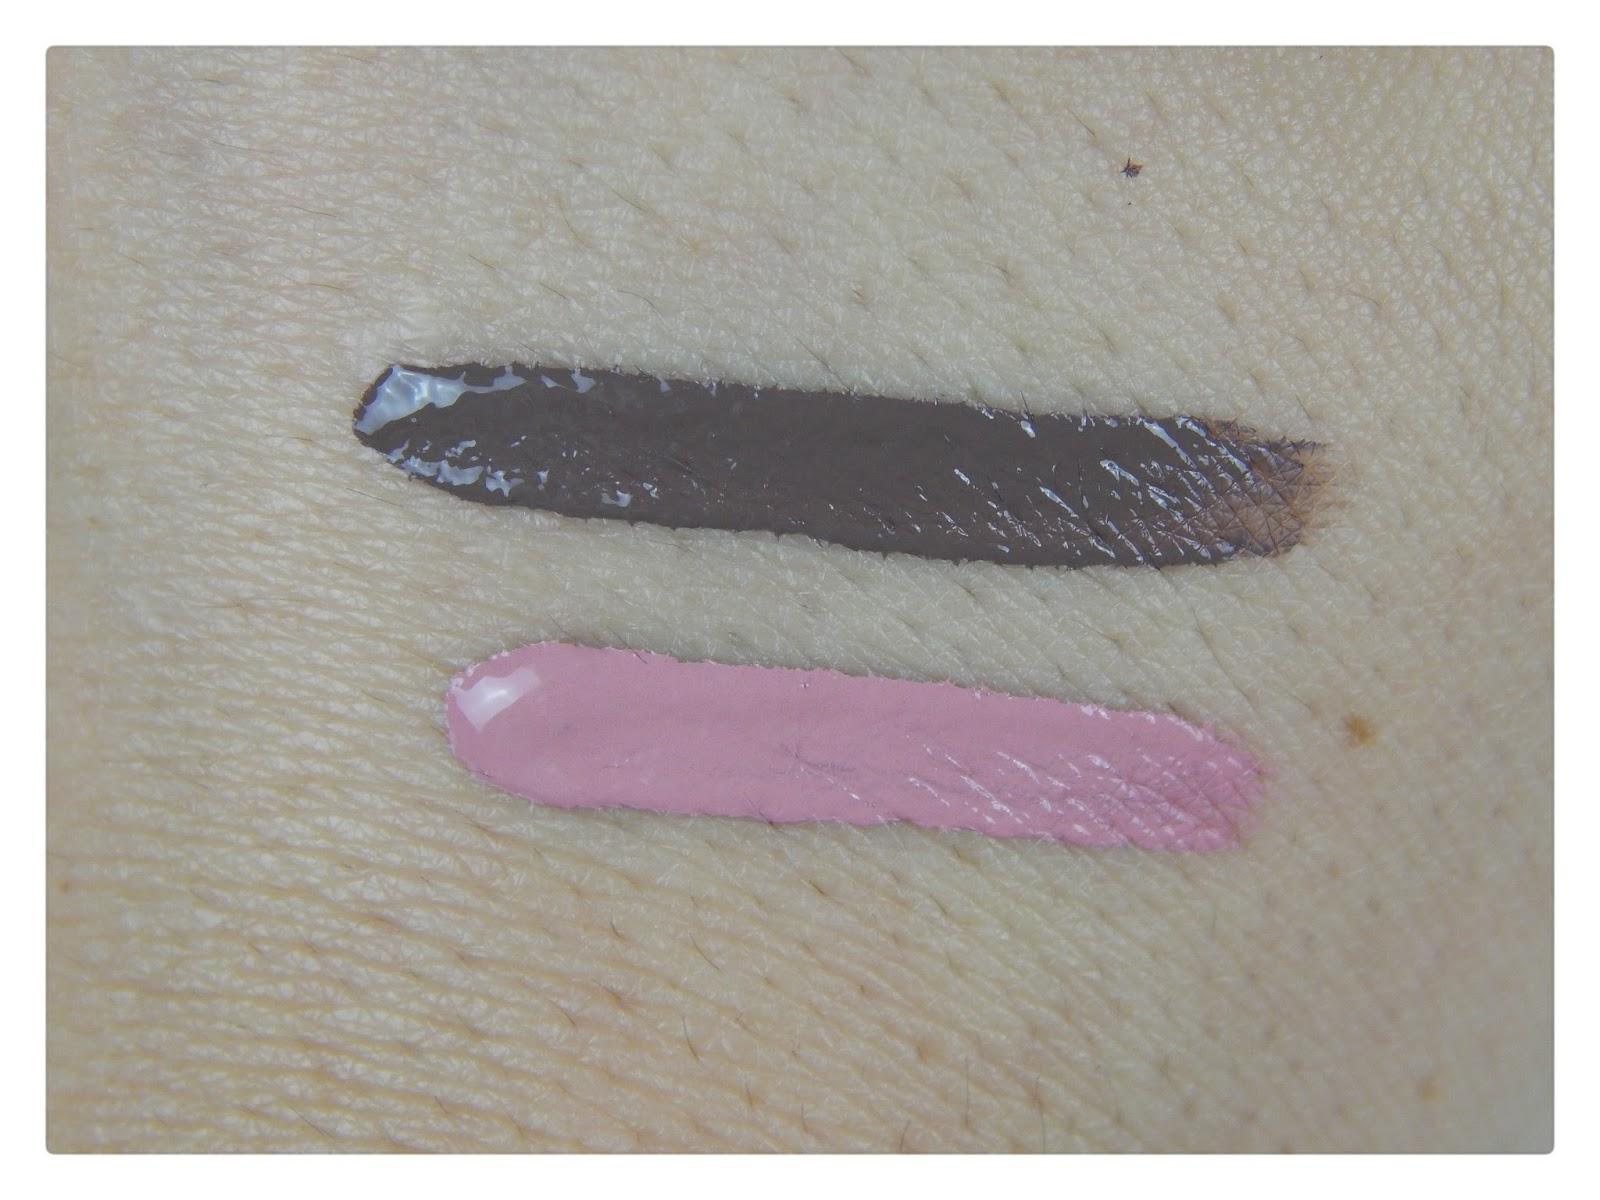 swatch dos batons em líquido matte marrom e rosa ruby rose